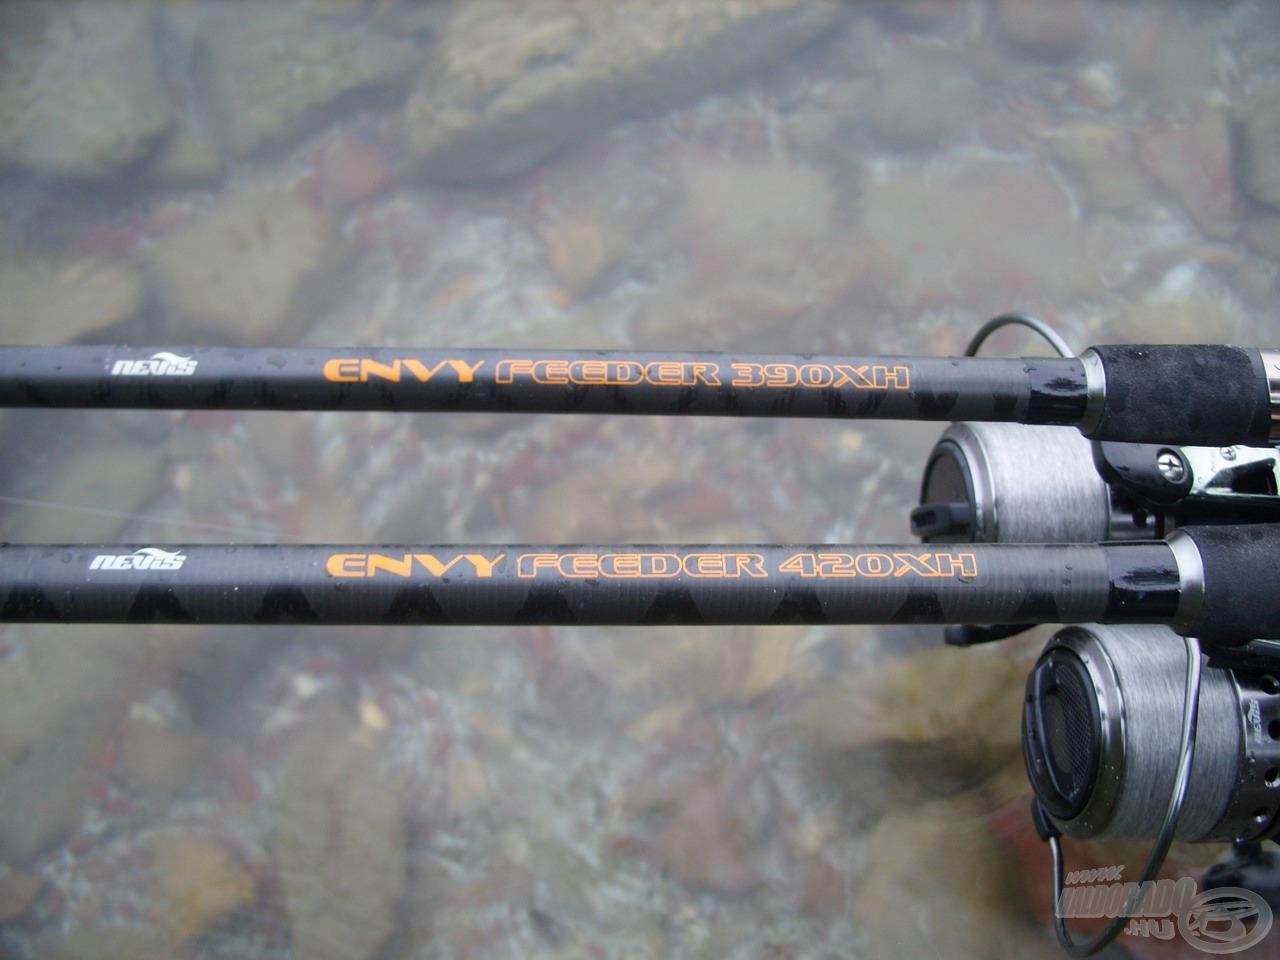 Balatoni horgászatomon a már sokat bizonyított Nevis Envy Feeder botpárosomnak szavaztam bizalmat